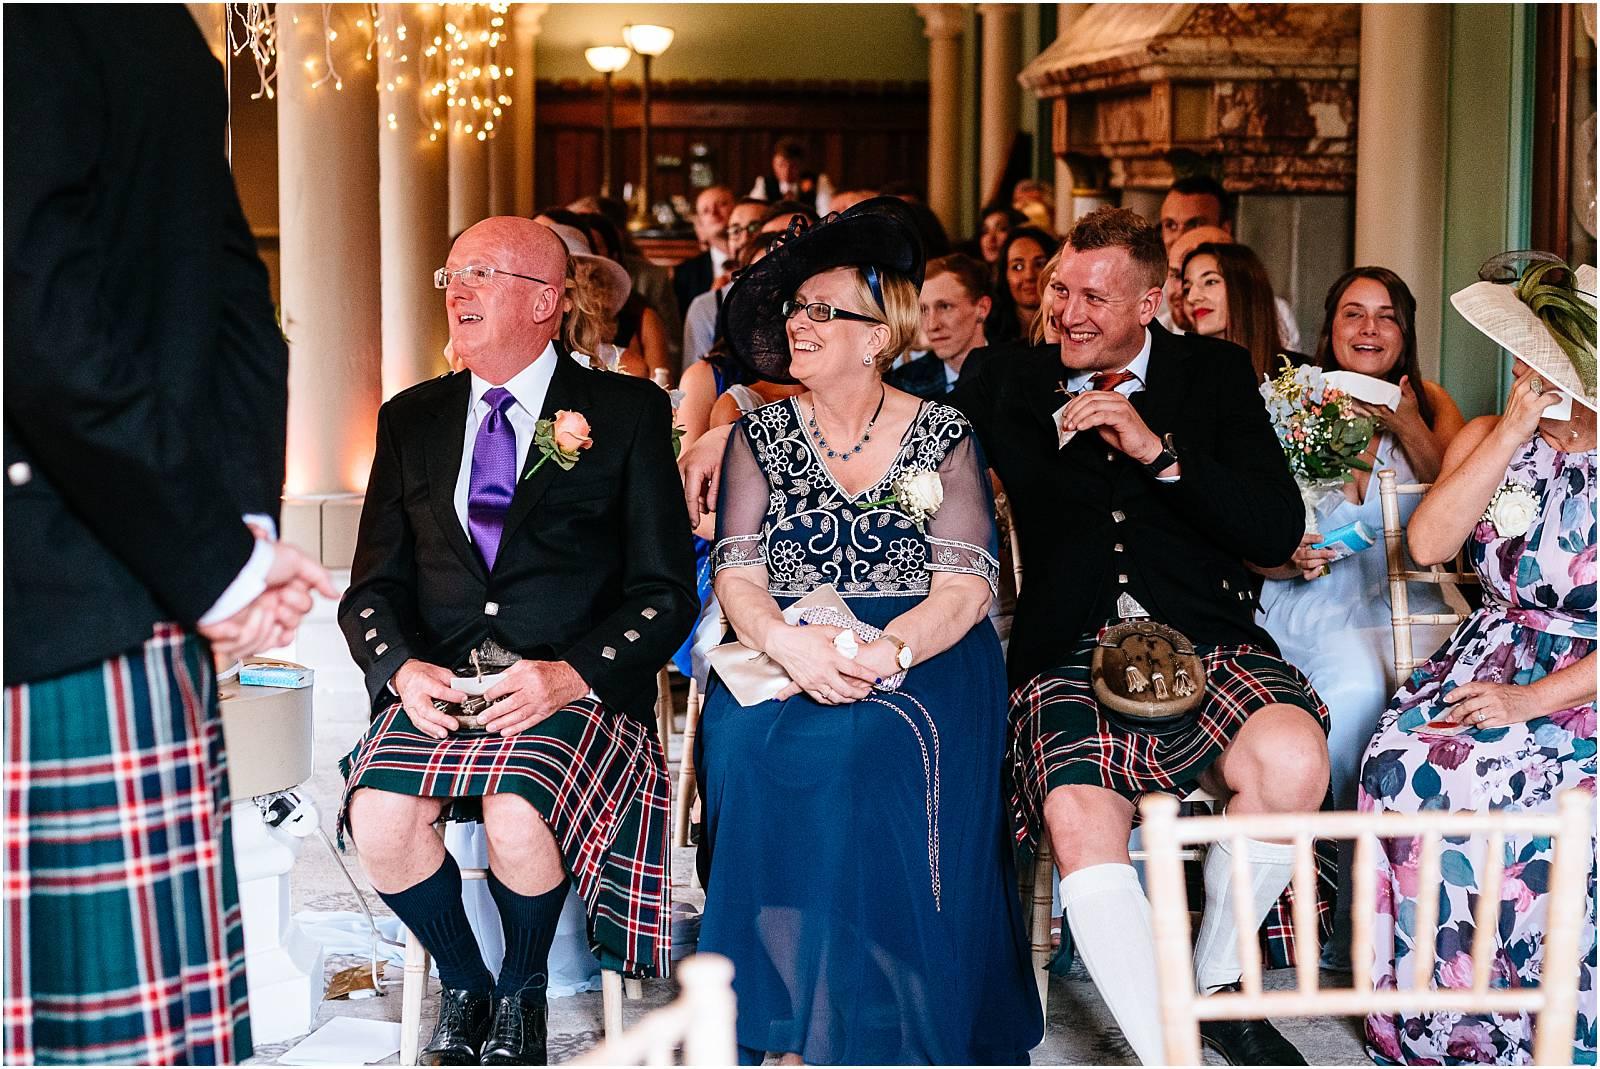 laughing during wedding